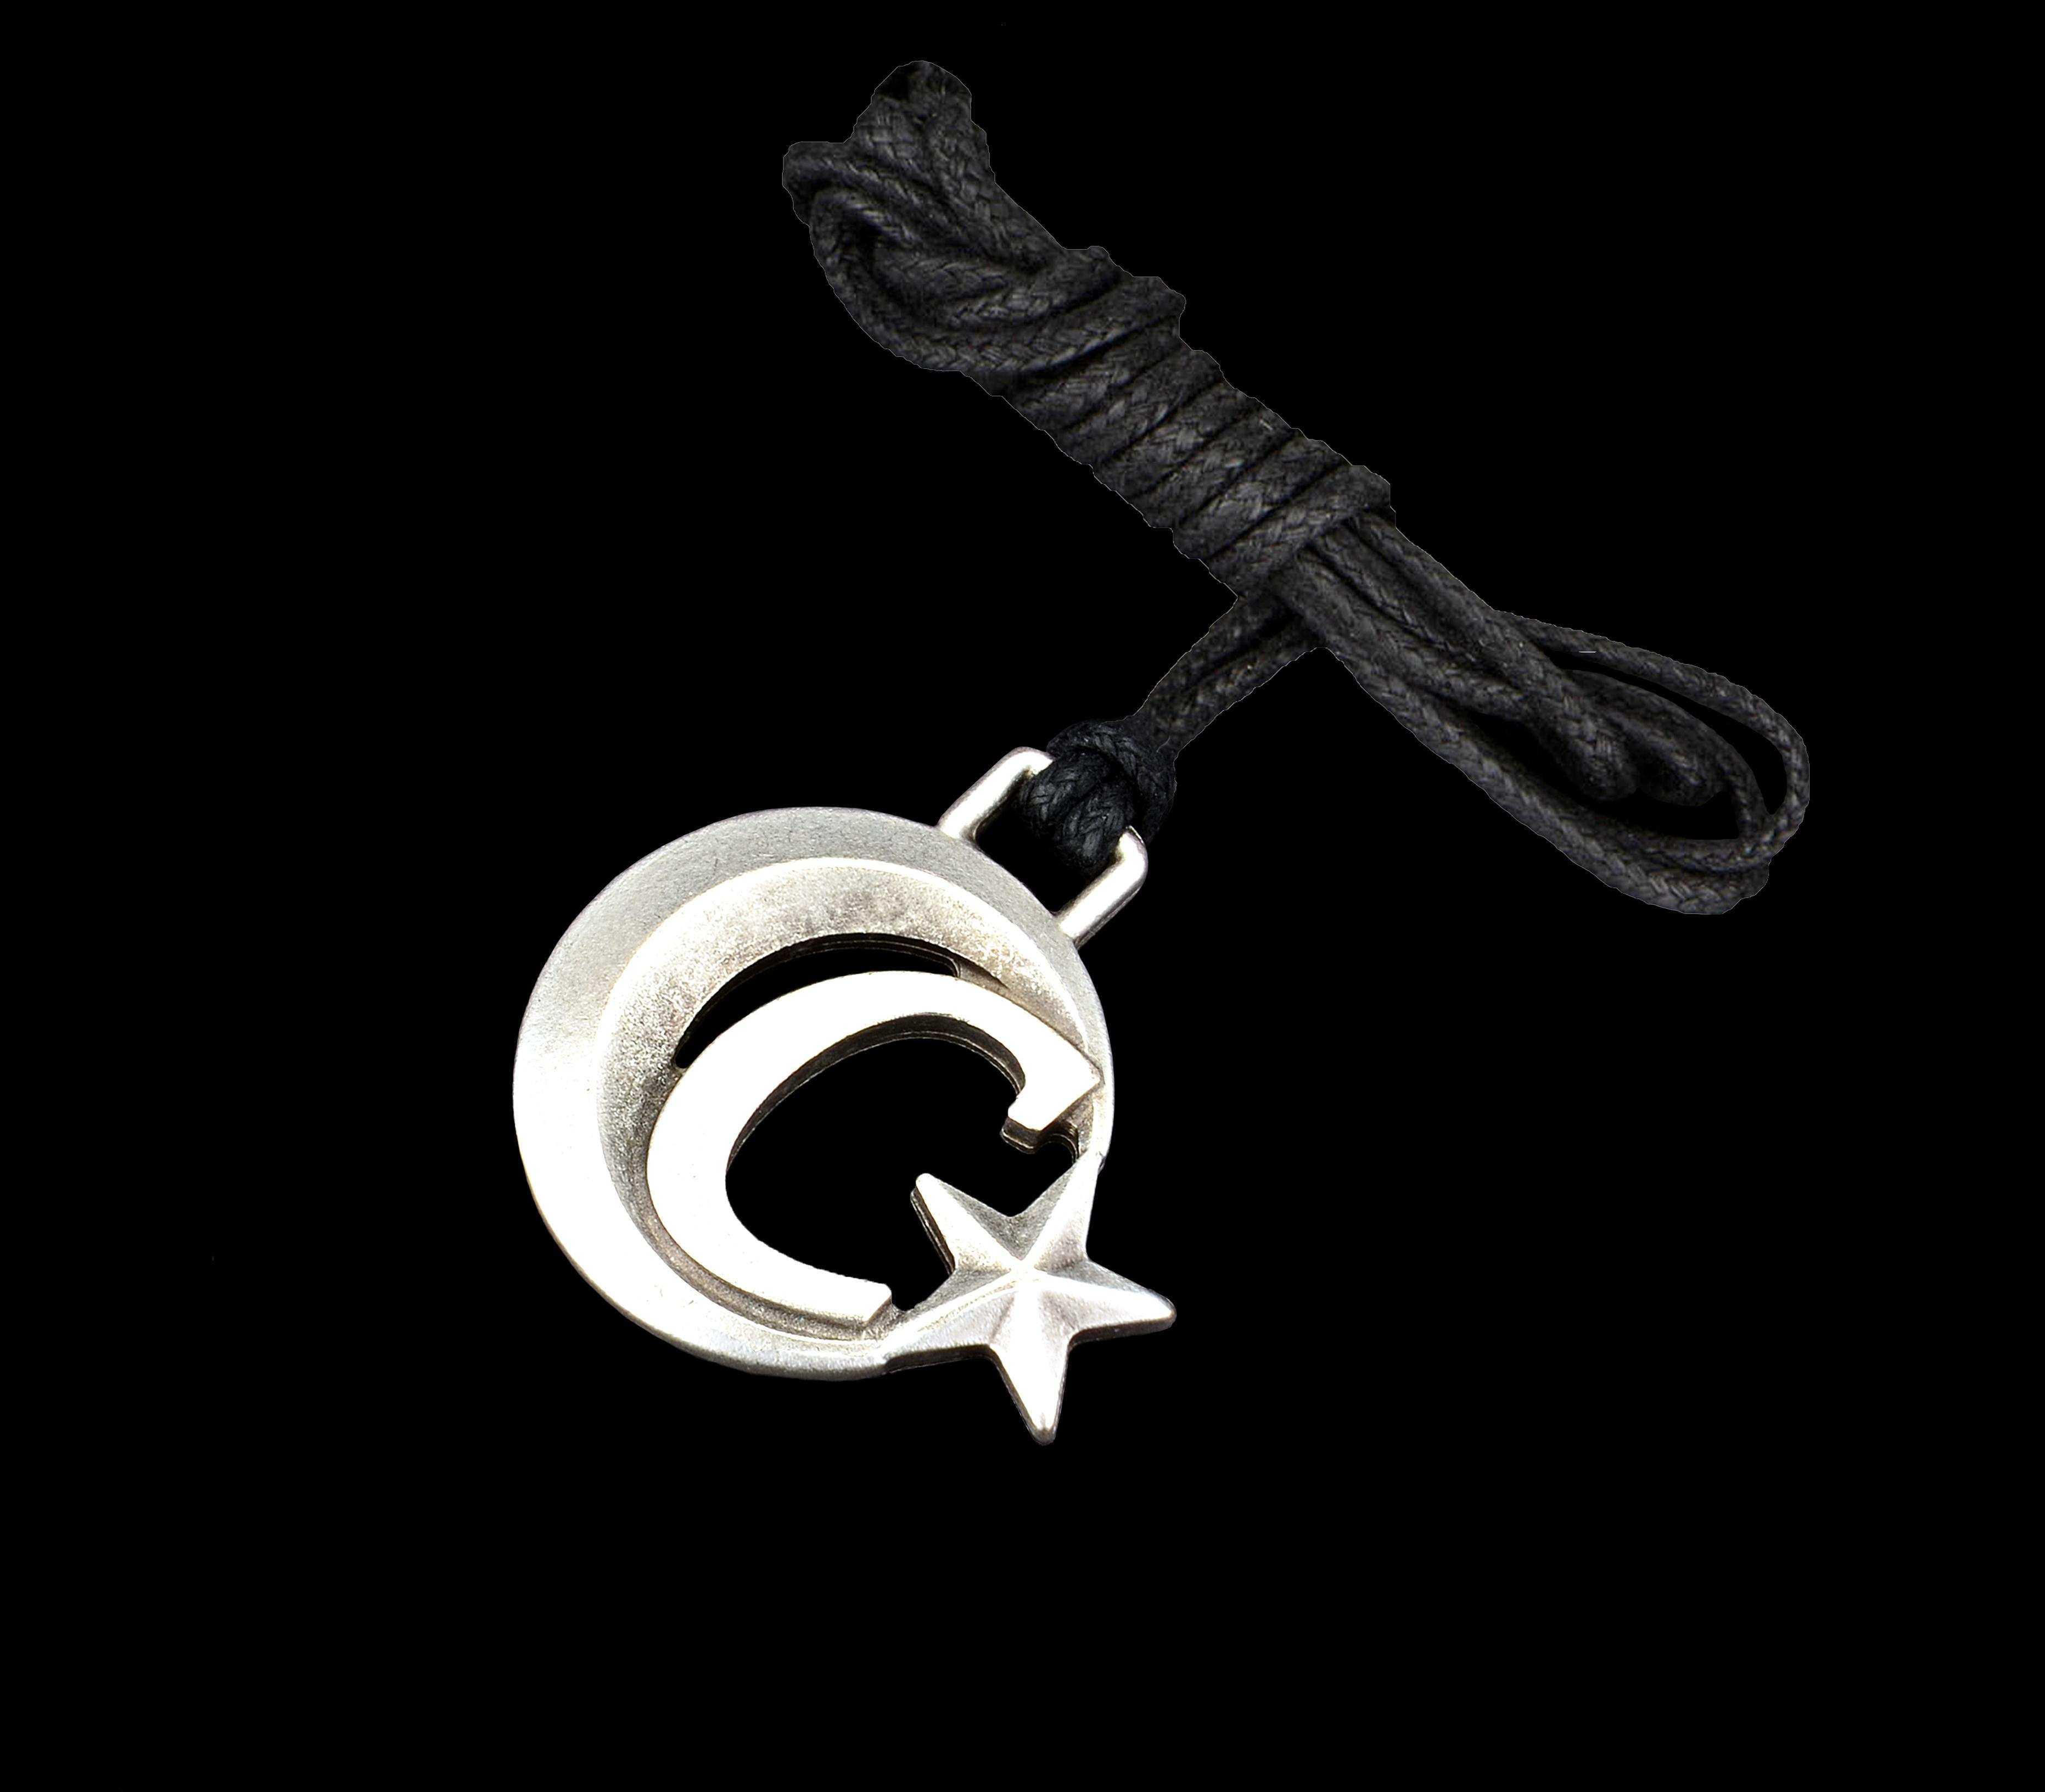 Ay Yıldızlı C Harfli Kolye - KOL0145